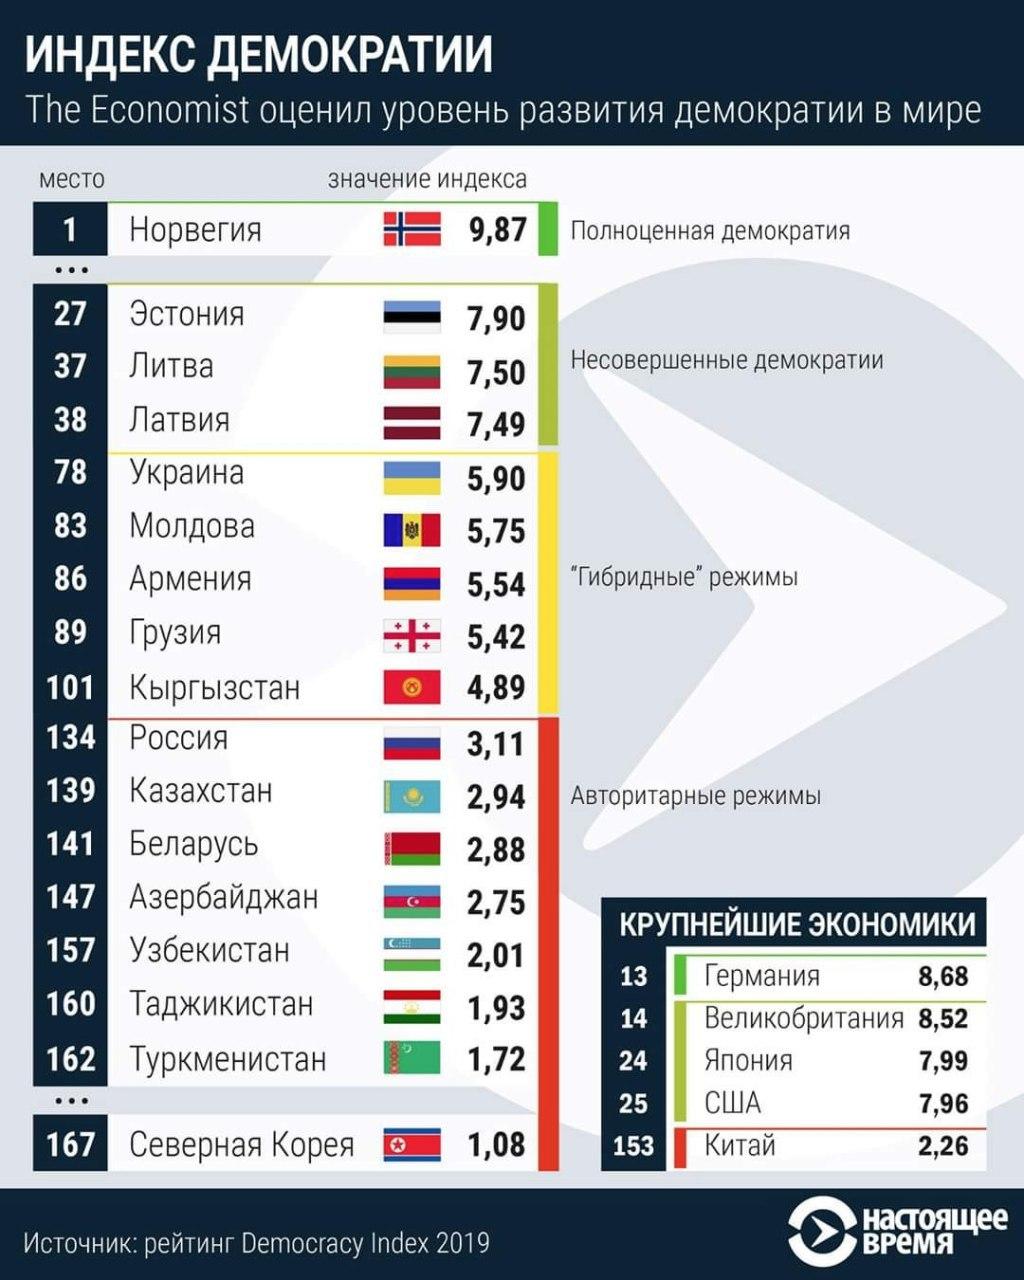 россия занимает 1 место по